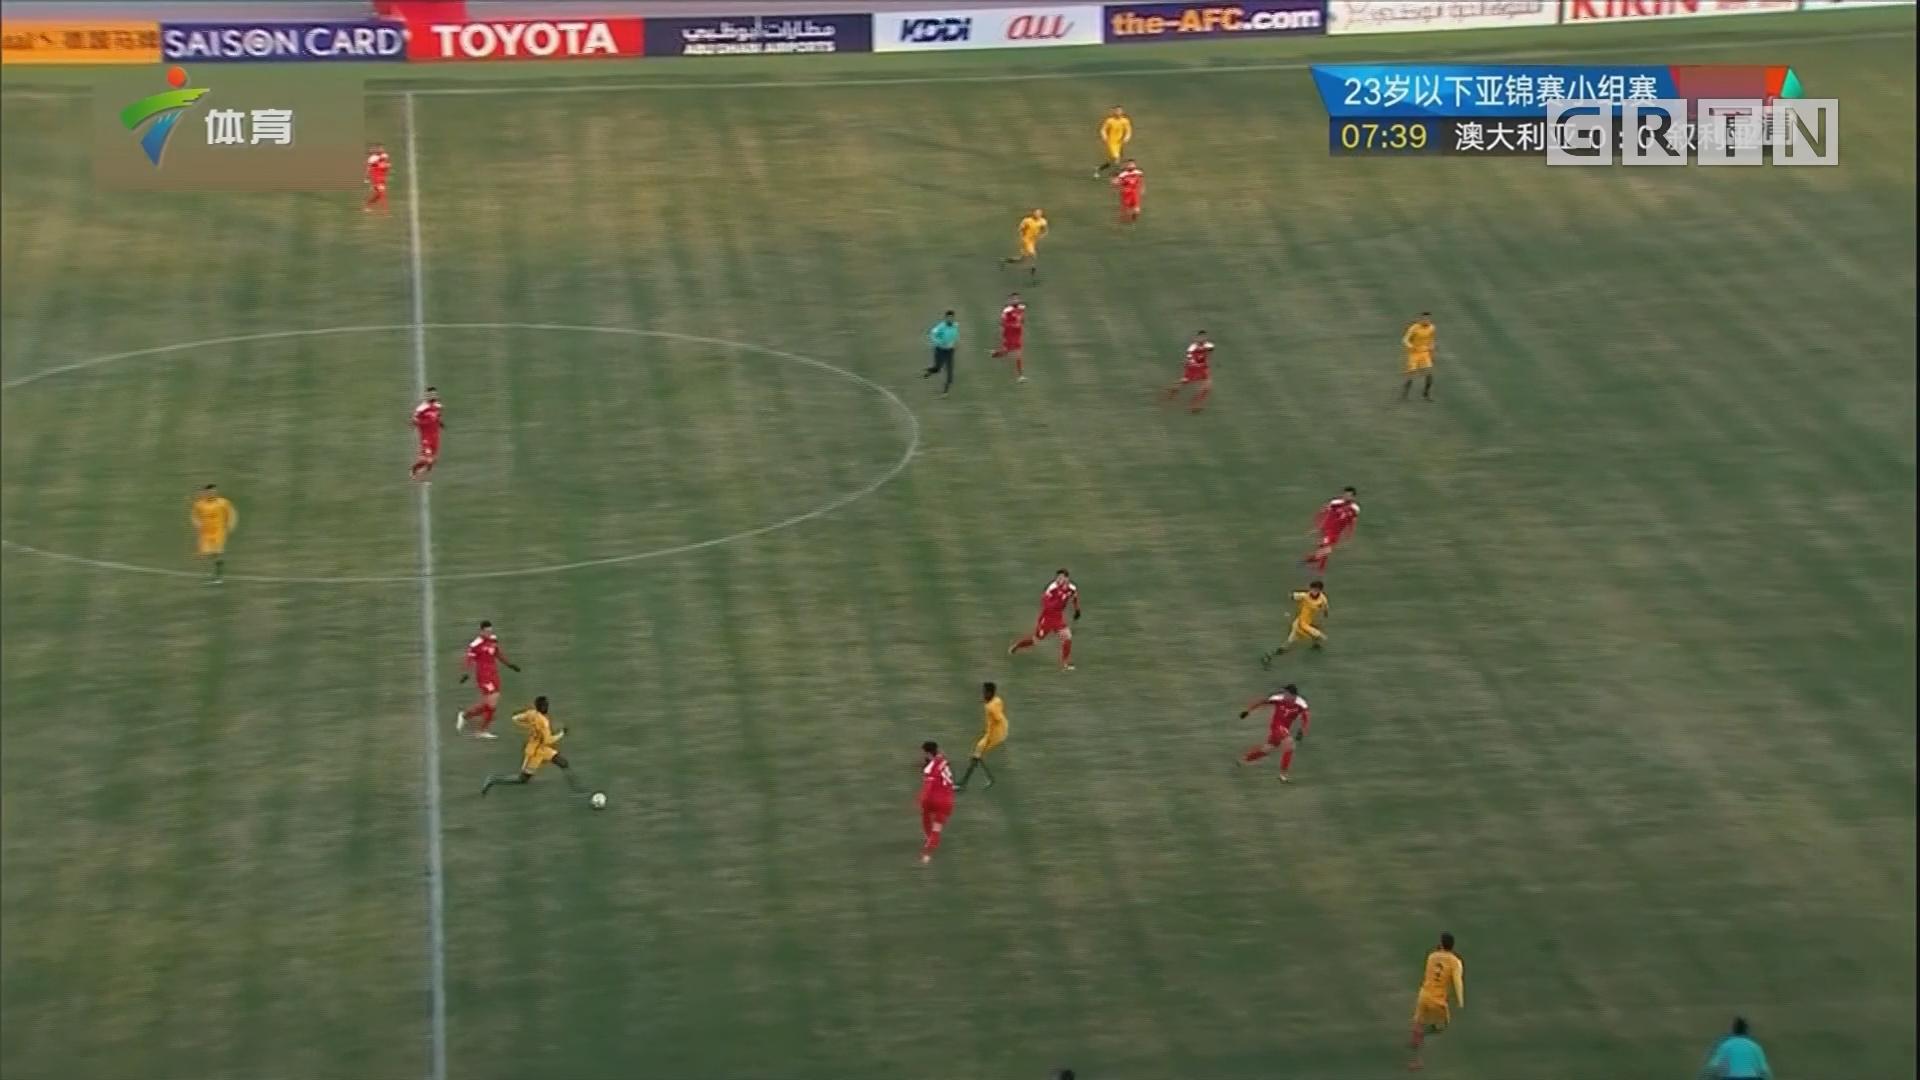 U23亚洲杯 澳大利亚轻取叙利亚